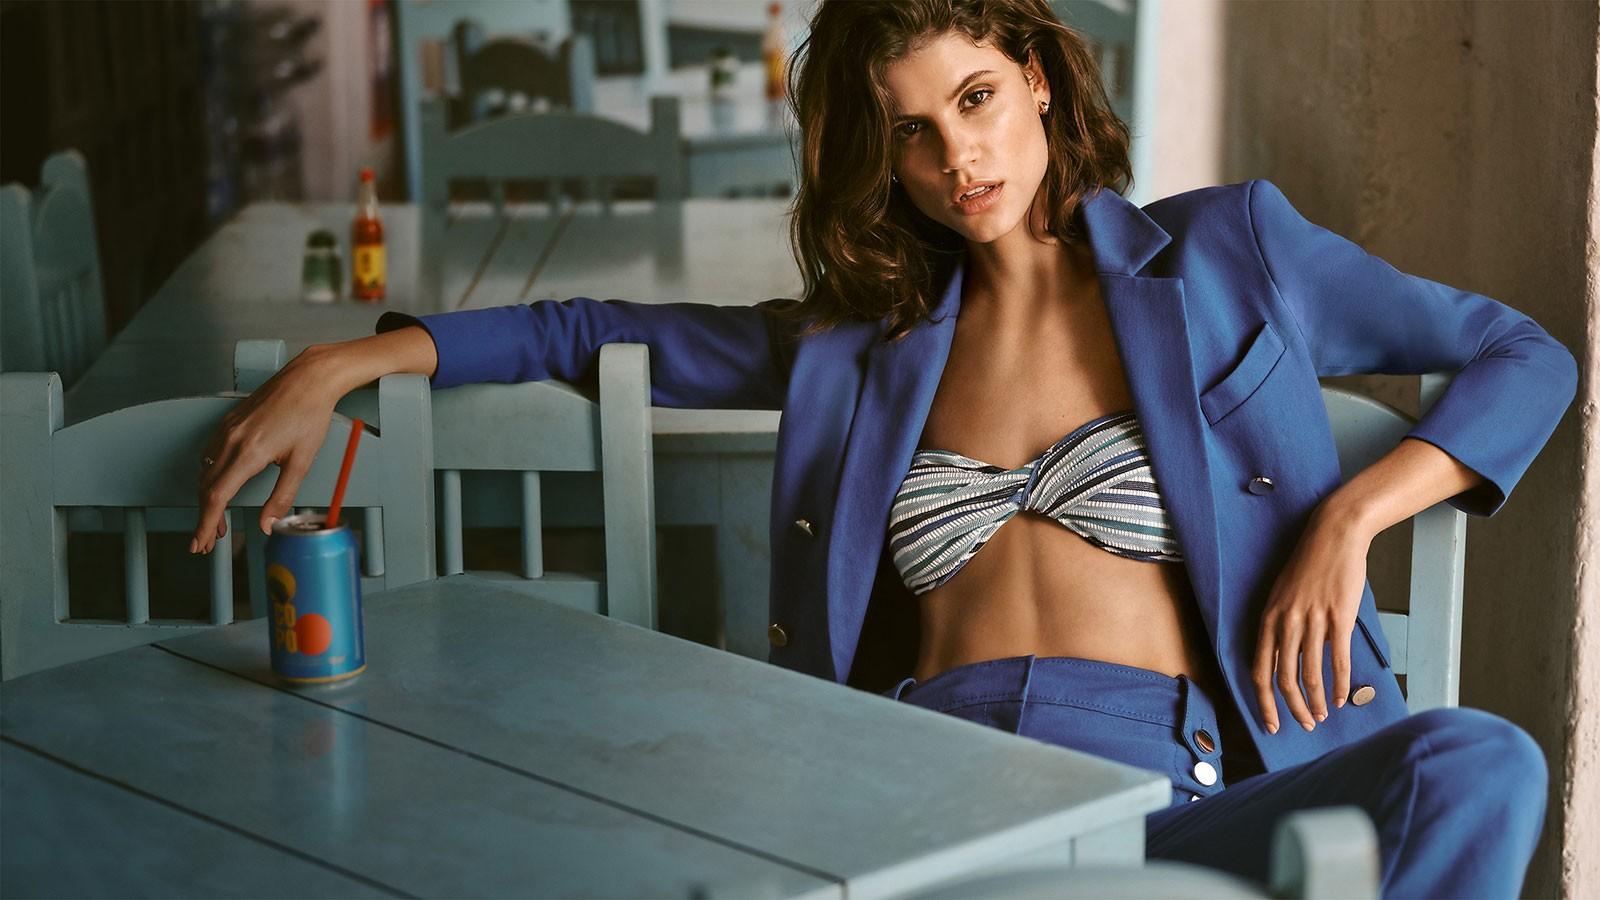 Derek Lam 10 Crosby Blazer & Pants, Jonathan Simkhai Bikini Top & More